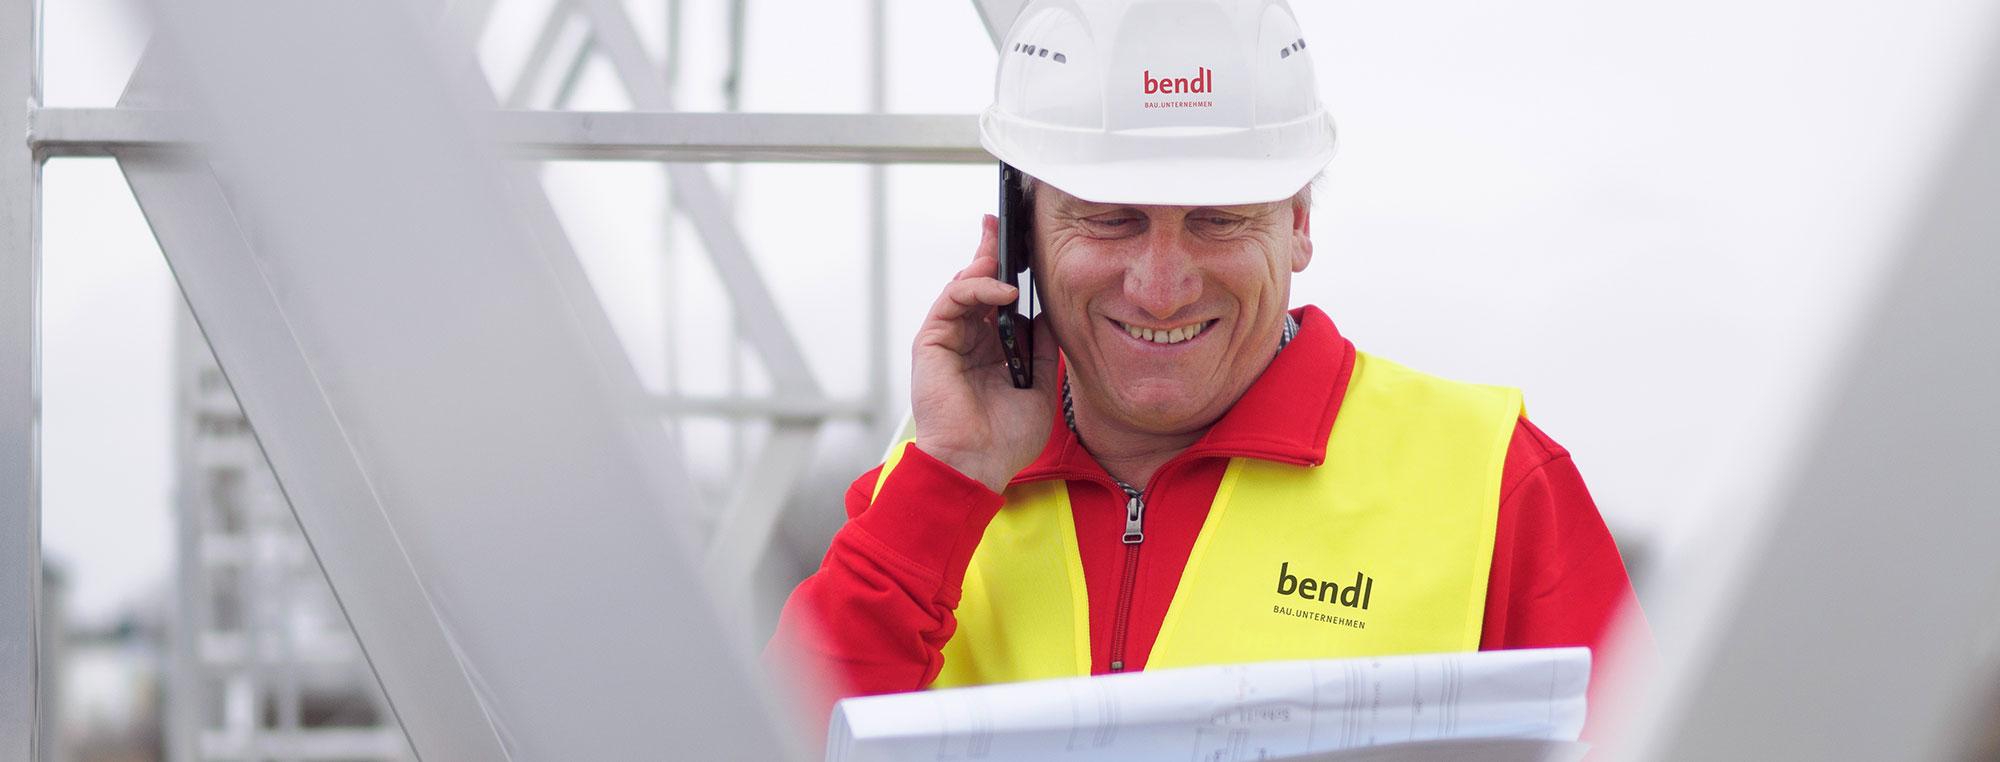 Kontakt bendl Bauunternehmen Günzburg